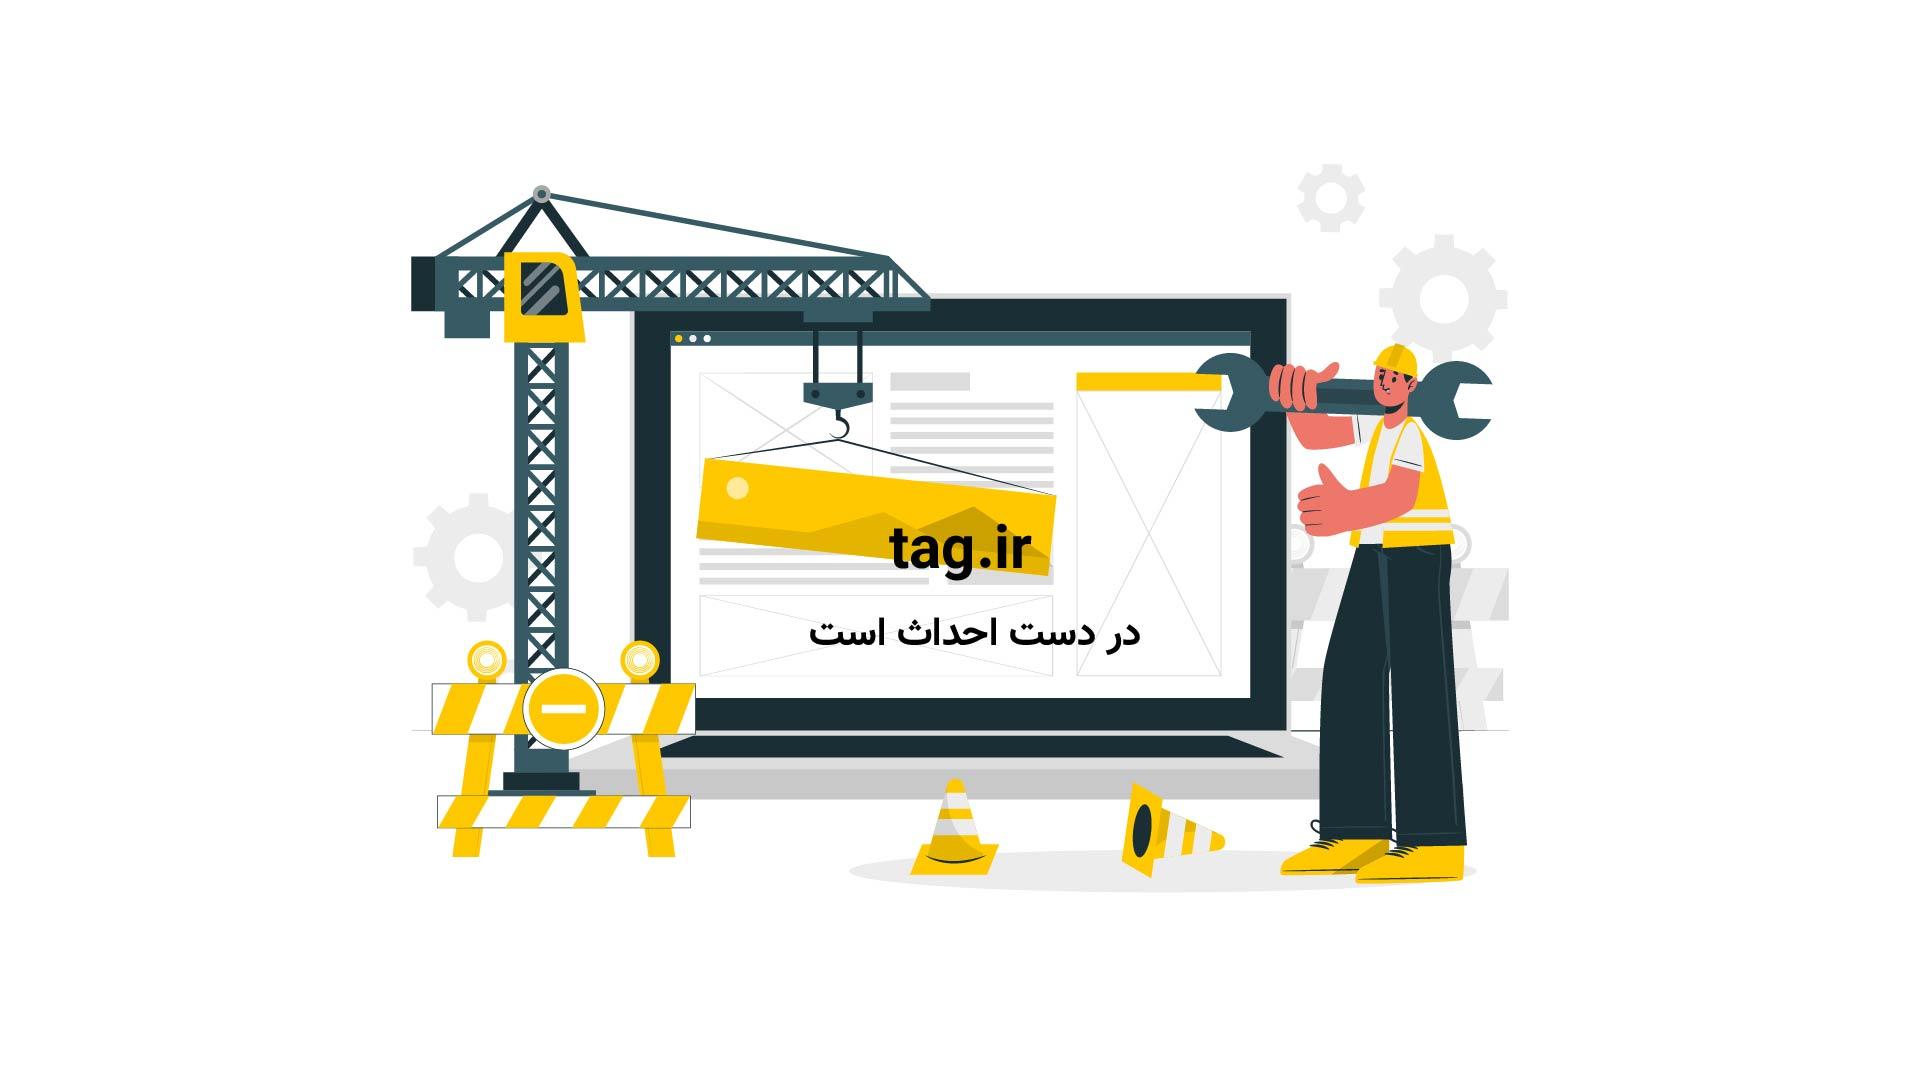 لحظاتی پس از انفجار در کنسرتی در منچستر | فیلم